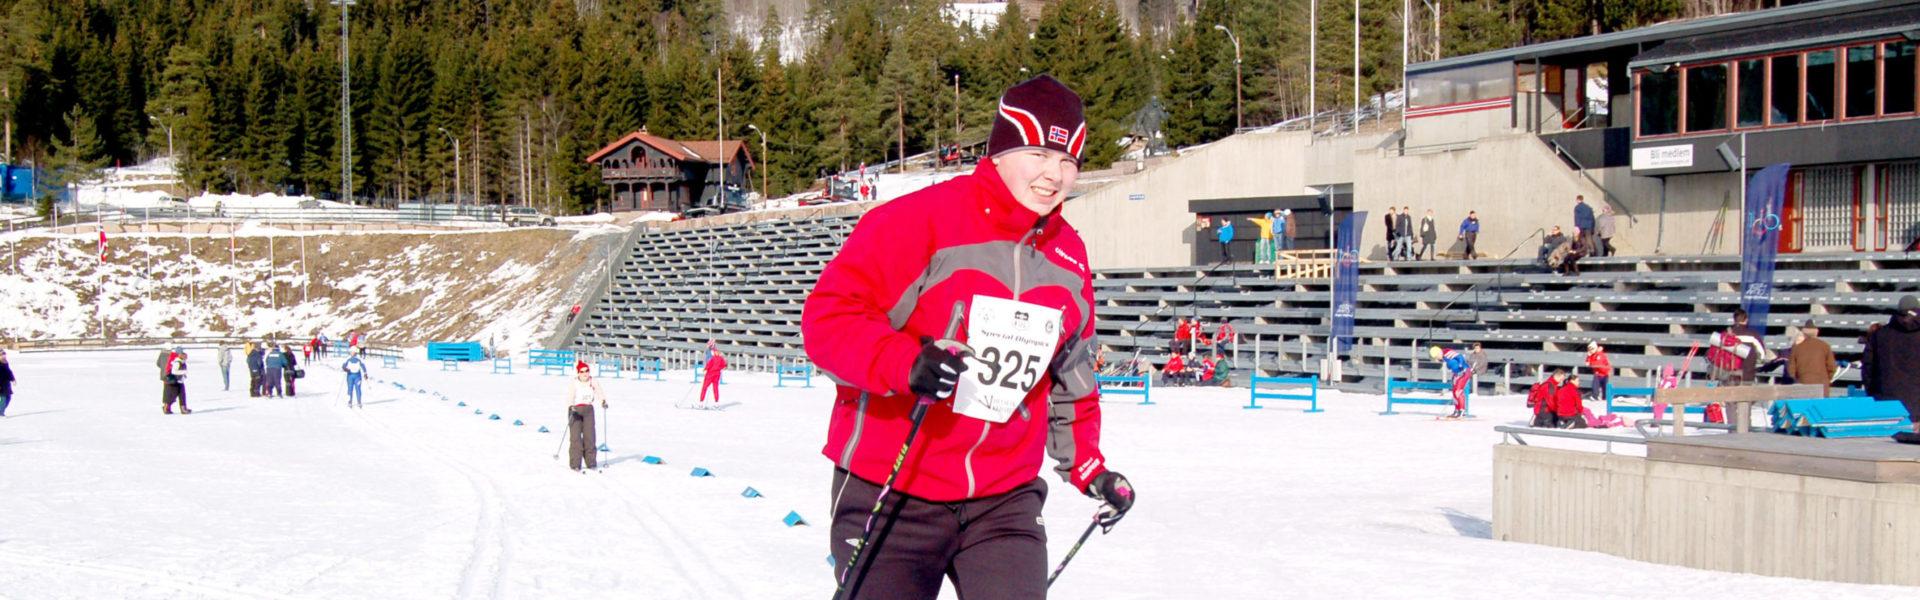 2008 Holmenkollen Kristoffer